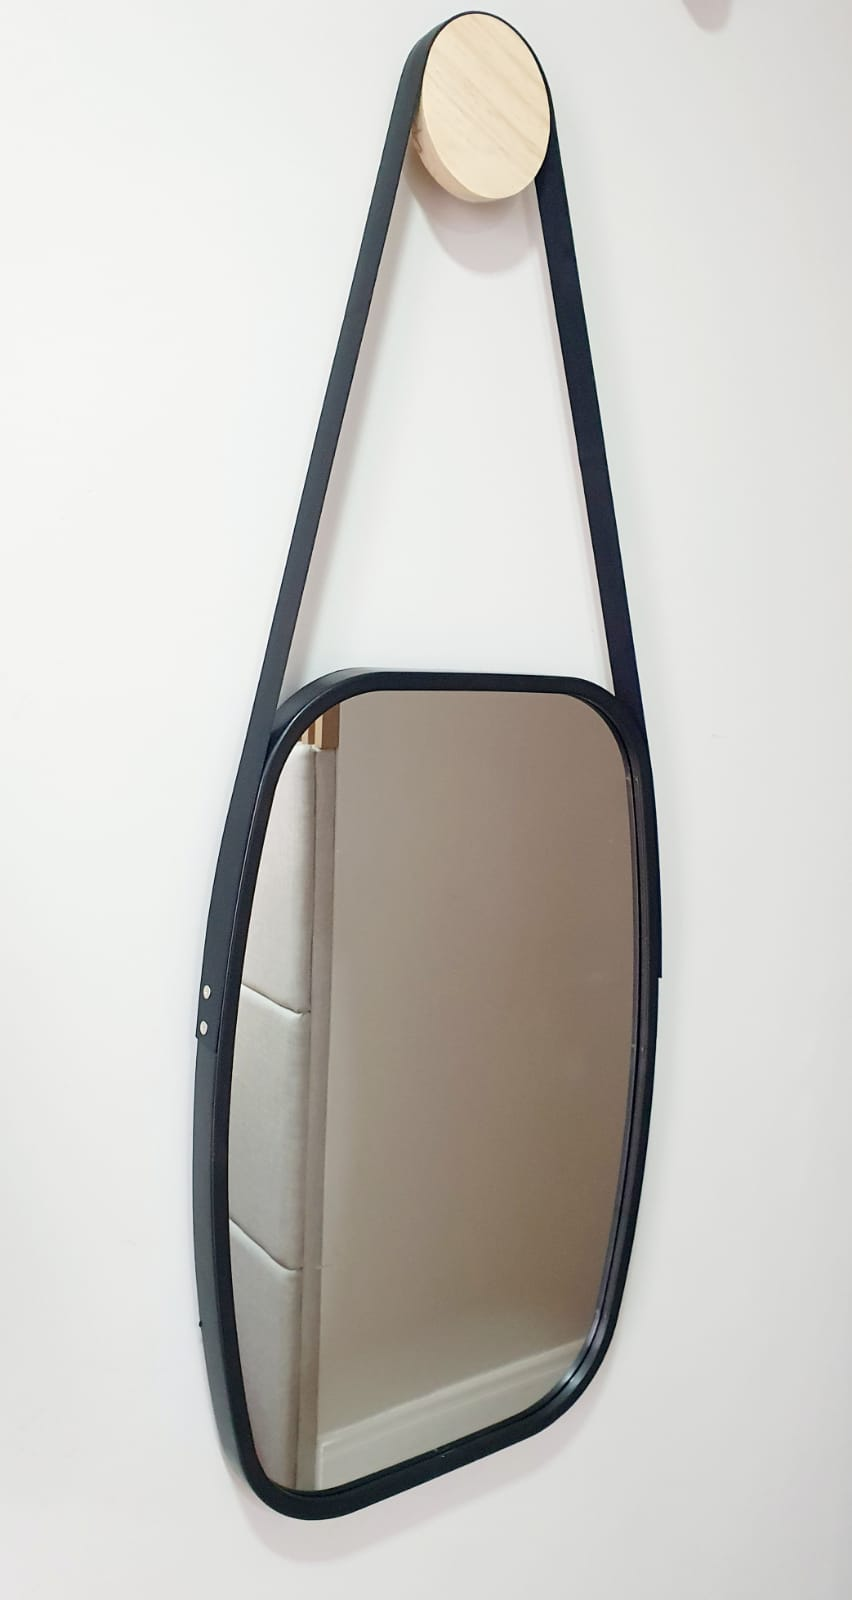 Espelho Ovalik - preto com alça de couro sintético